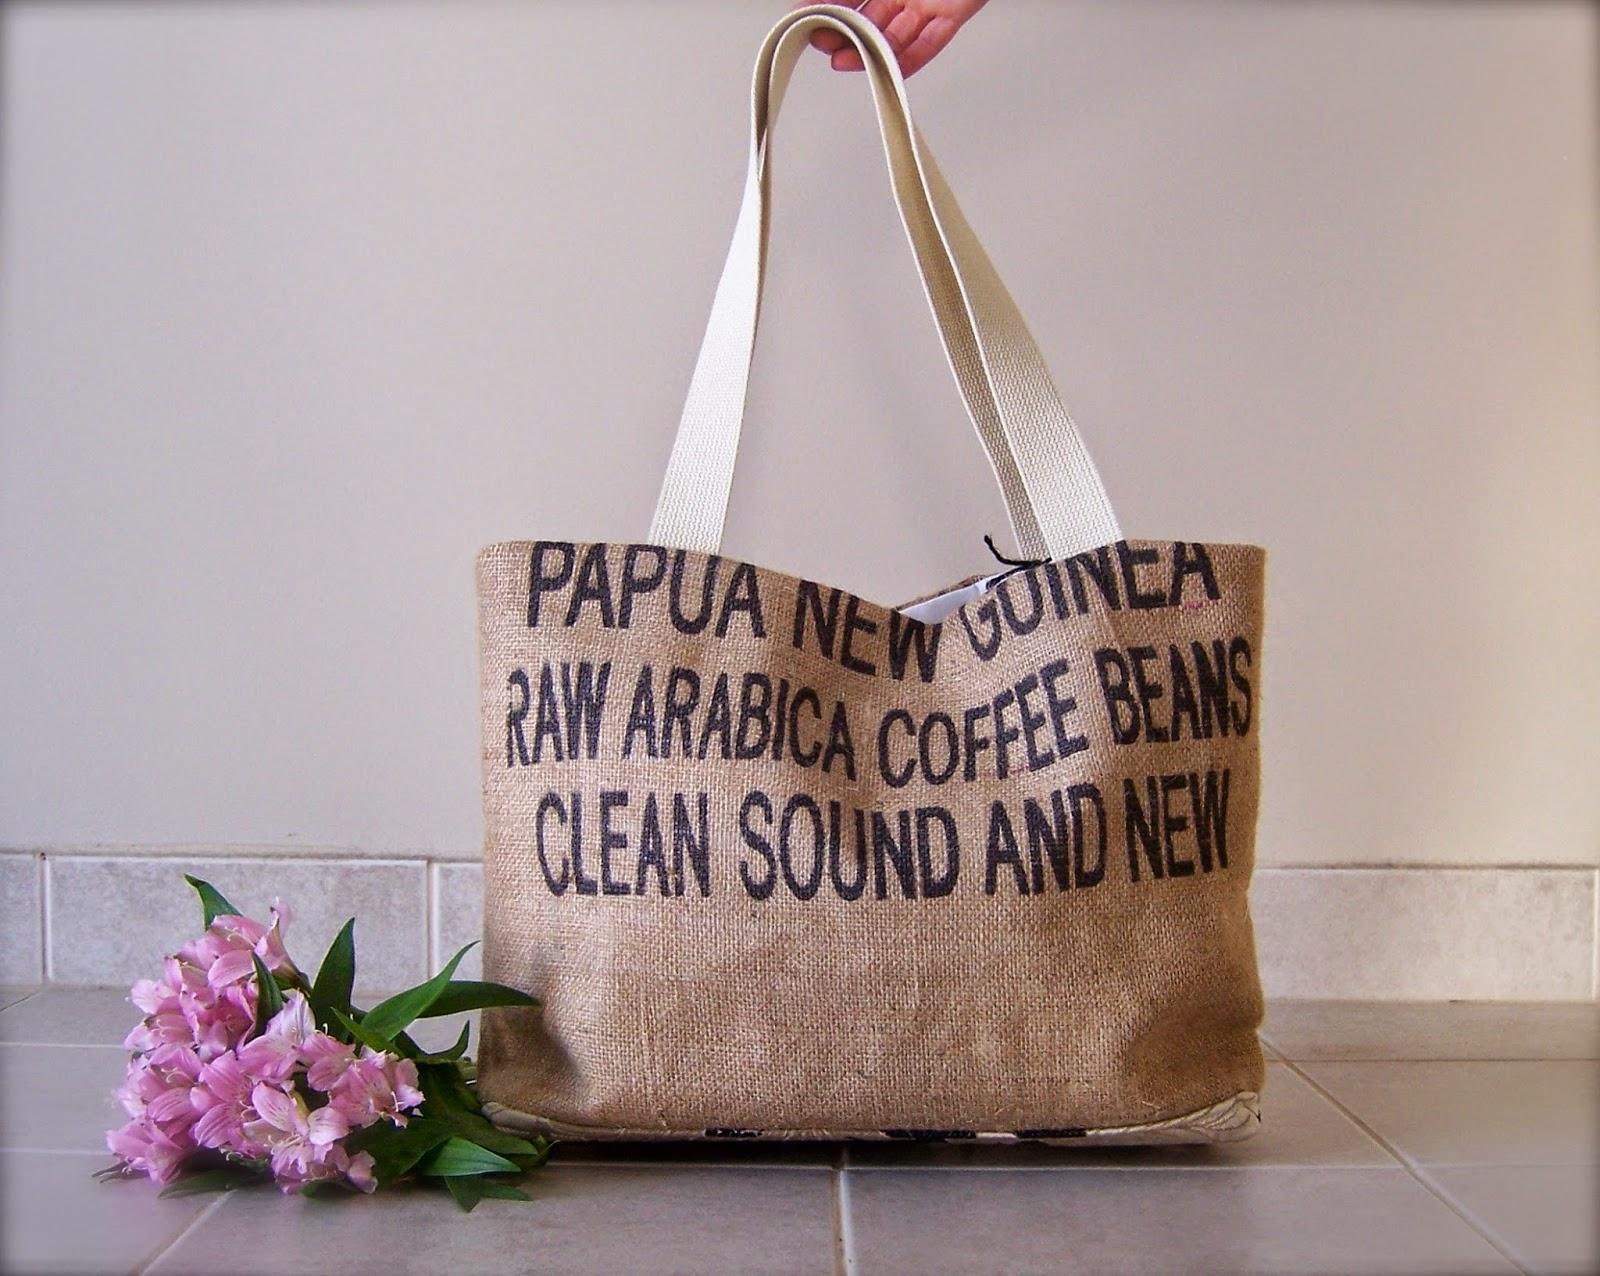 Clean Sound and New burlap tote bag - exterior - linaandvi.blogspot.com